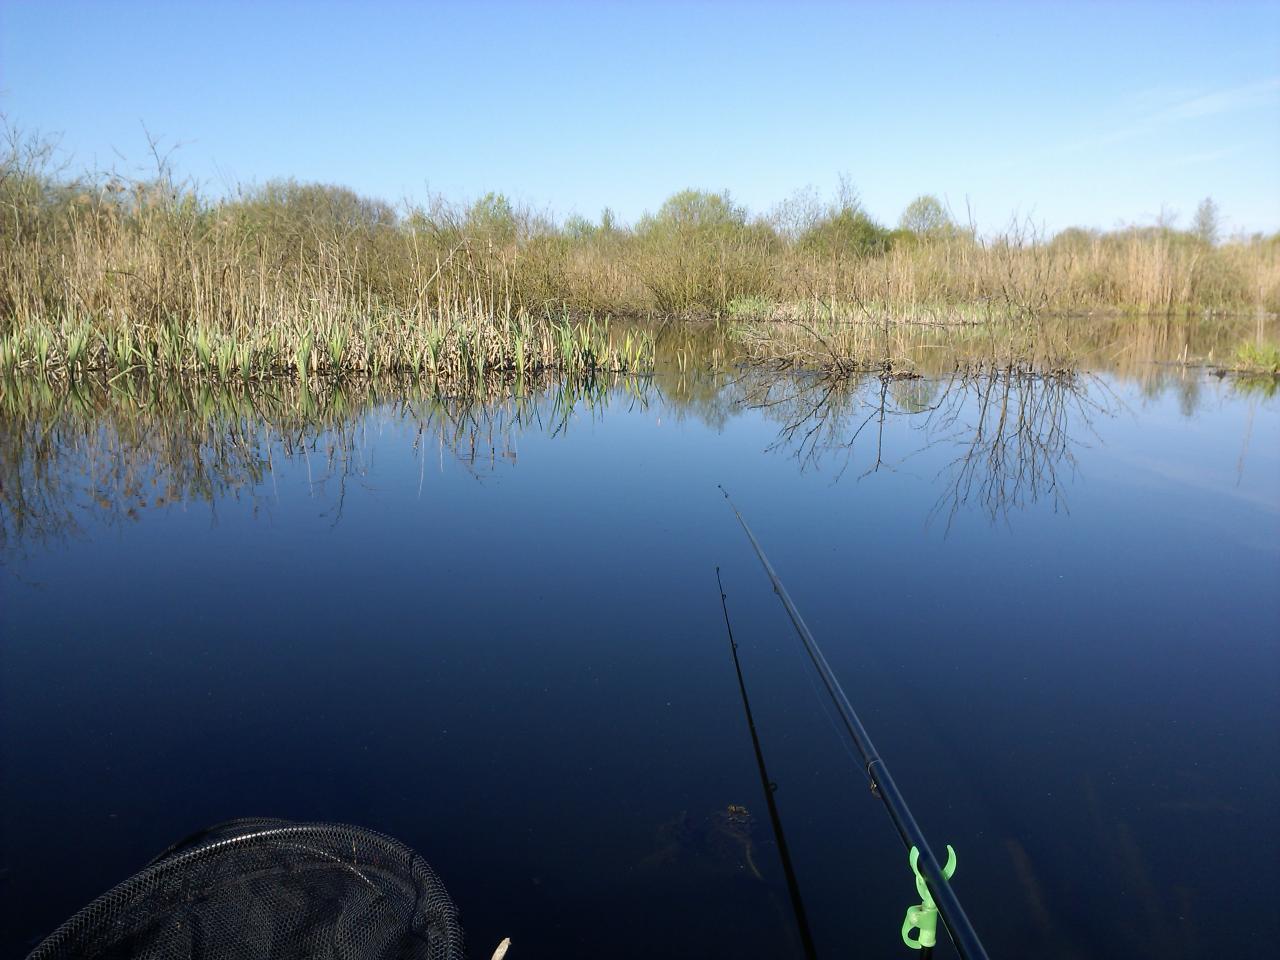 Я тоже побывал вчера на Косинов надежде поймать ... | Отчеты о рыбалке в Беларуси